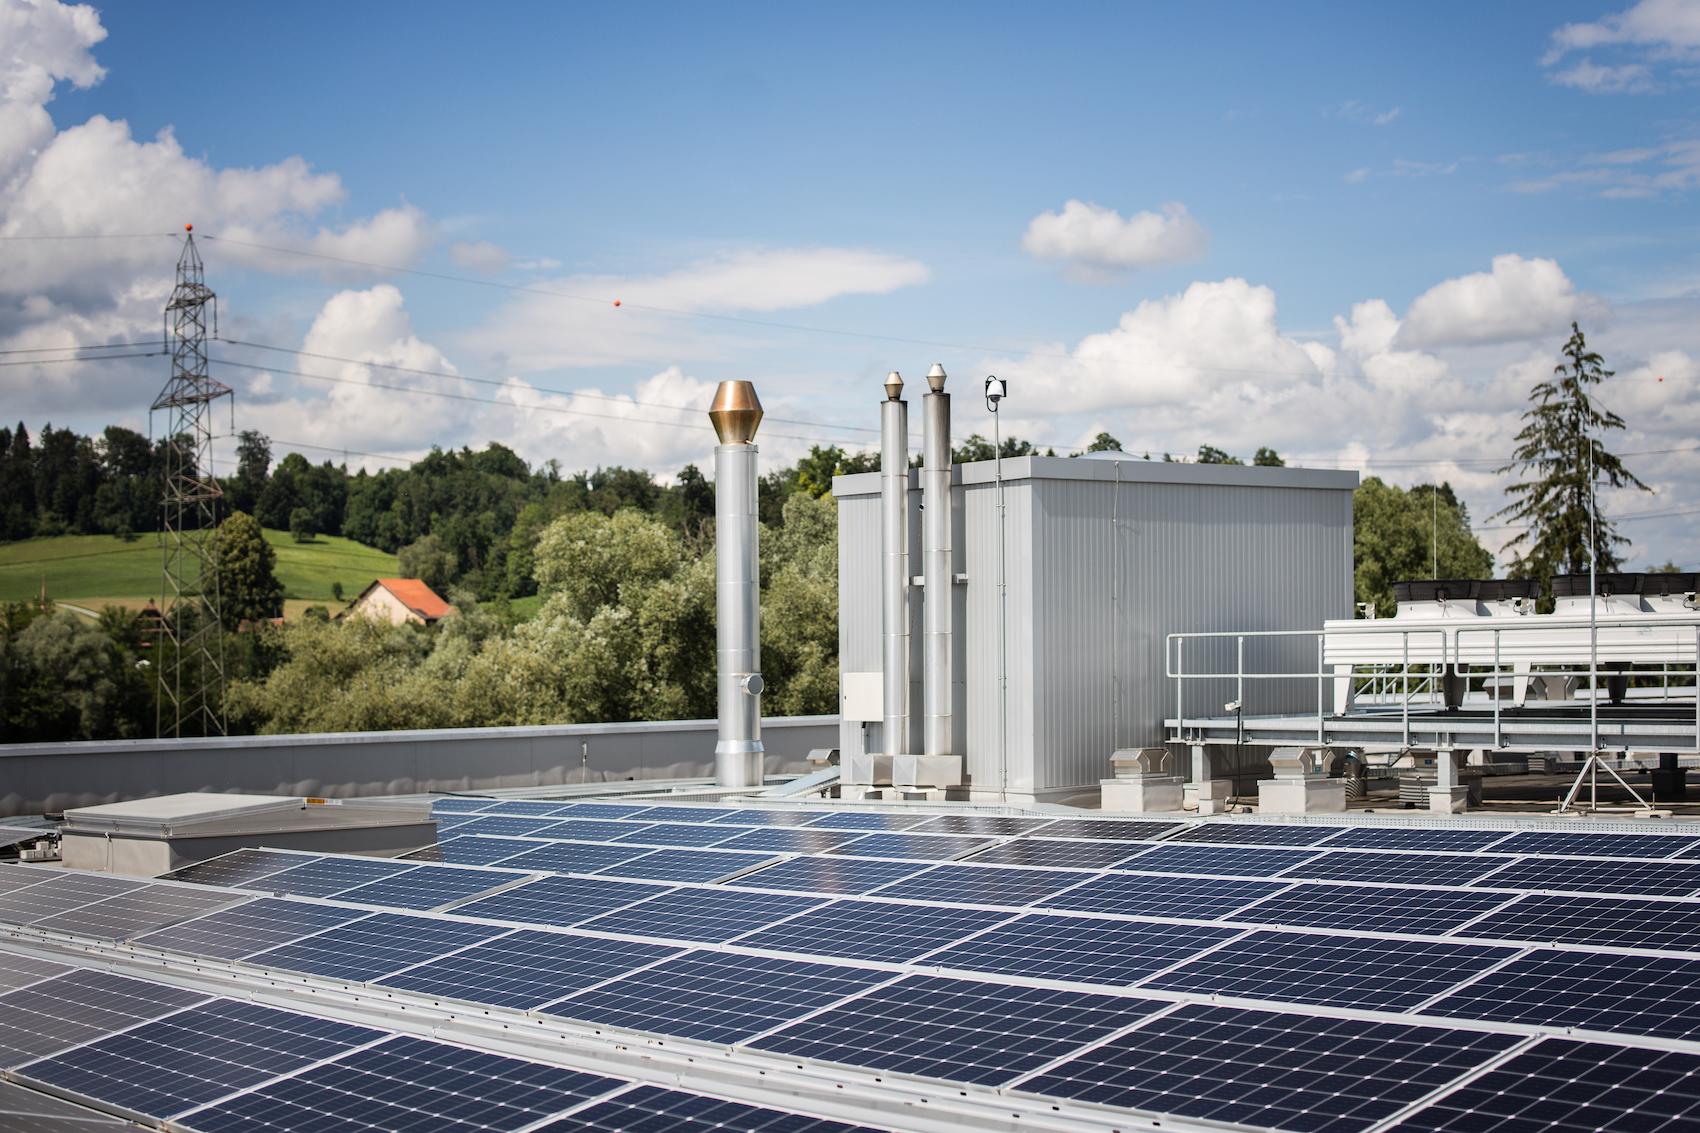 Les particuliers aussi sont gagnants lorsqu'ils consomment ou stockent sur place l'électricité produite sur leur propre toit, plutôt que de la réinjecter dans le réseau.